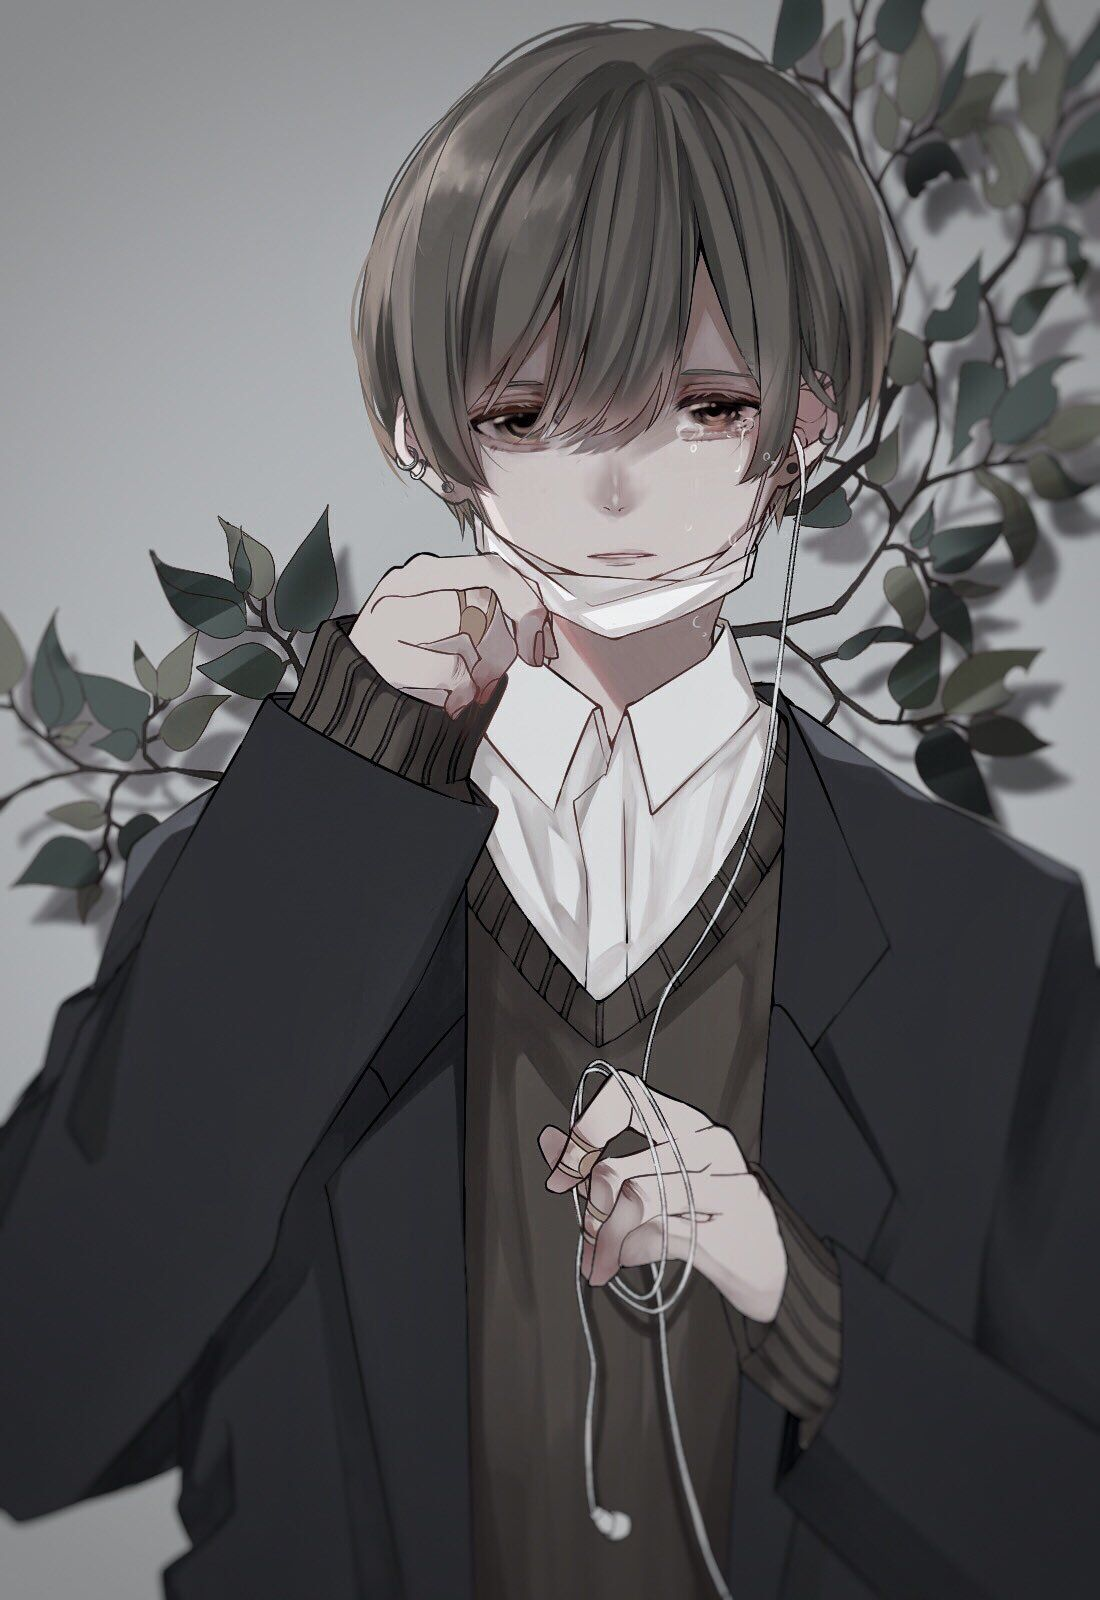 twitter かわいい男の子のアニメキャラ 美的アニメ カワイイアニメ